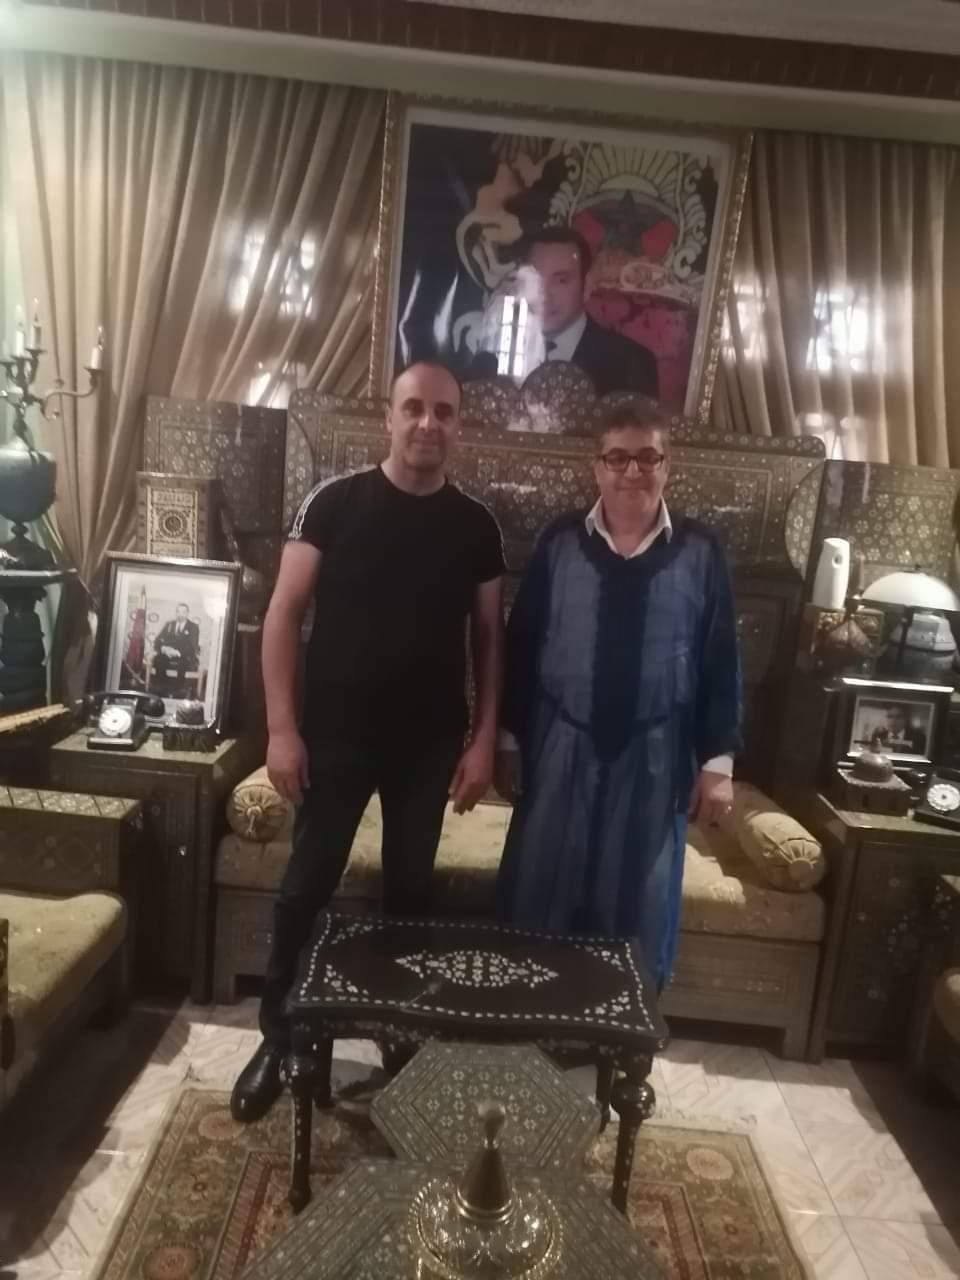 الدكتور نبيل مغار مرشحا للإنتخابات البرلمانية المقبلة بالحزب الديمقراطي الوطني